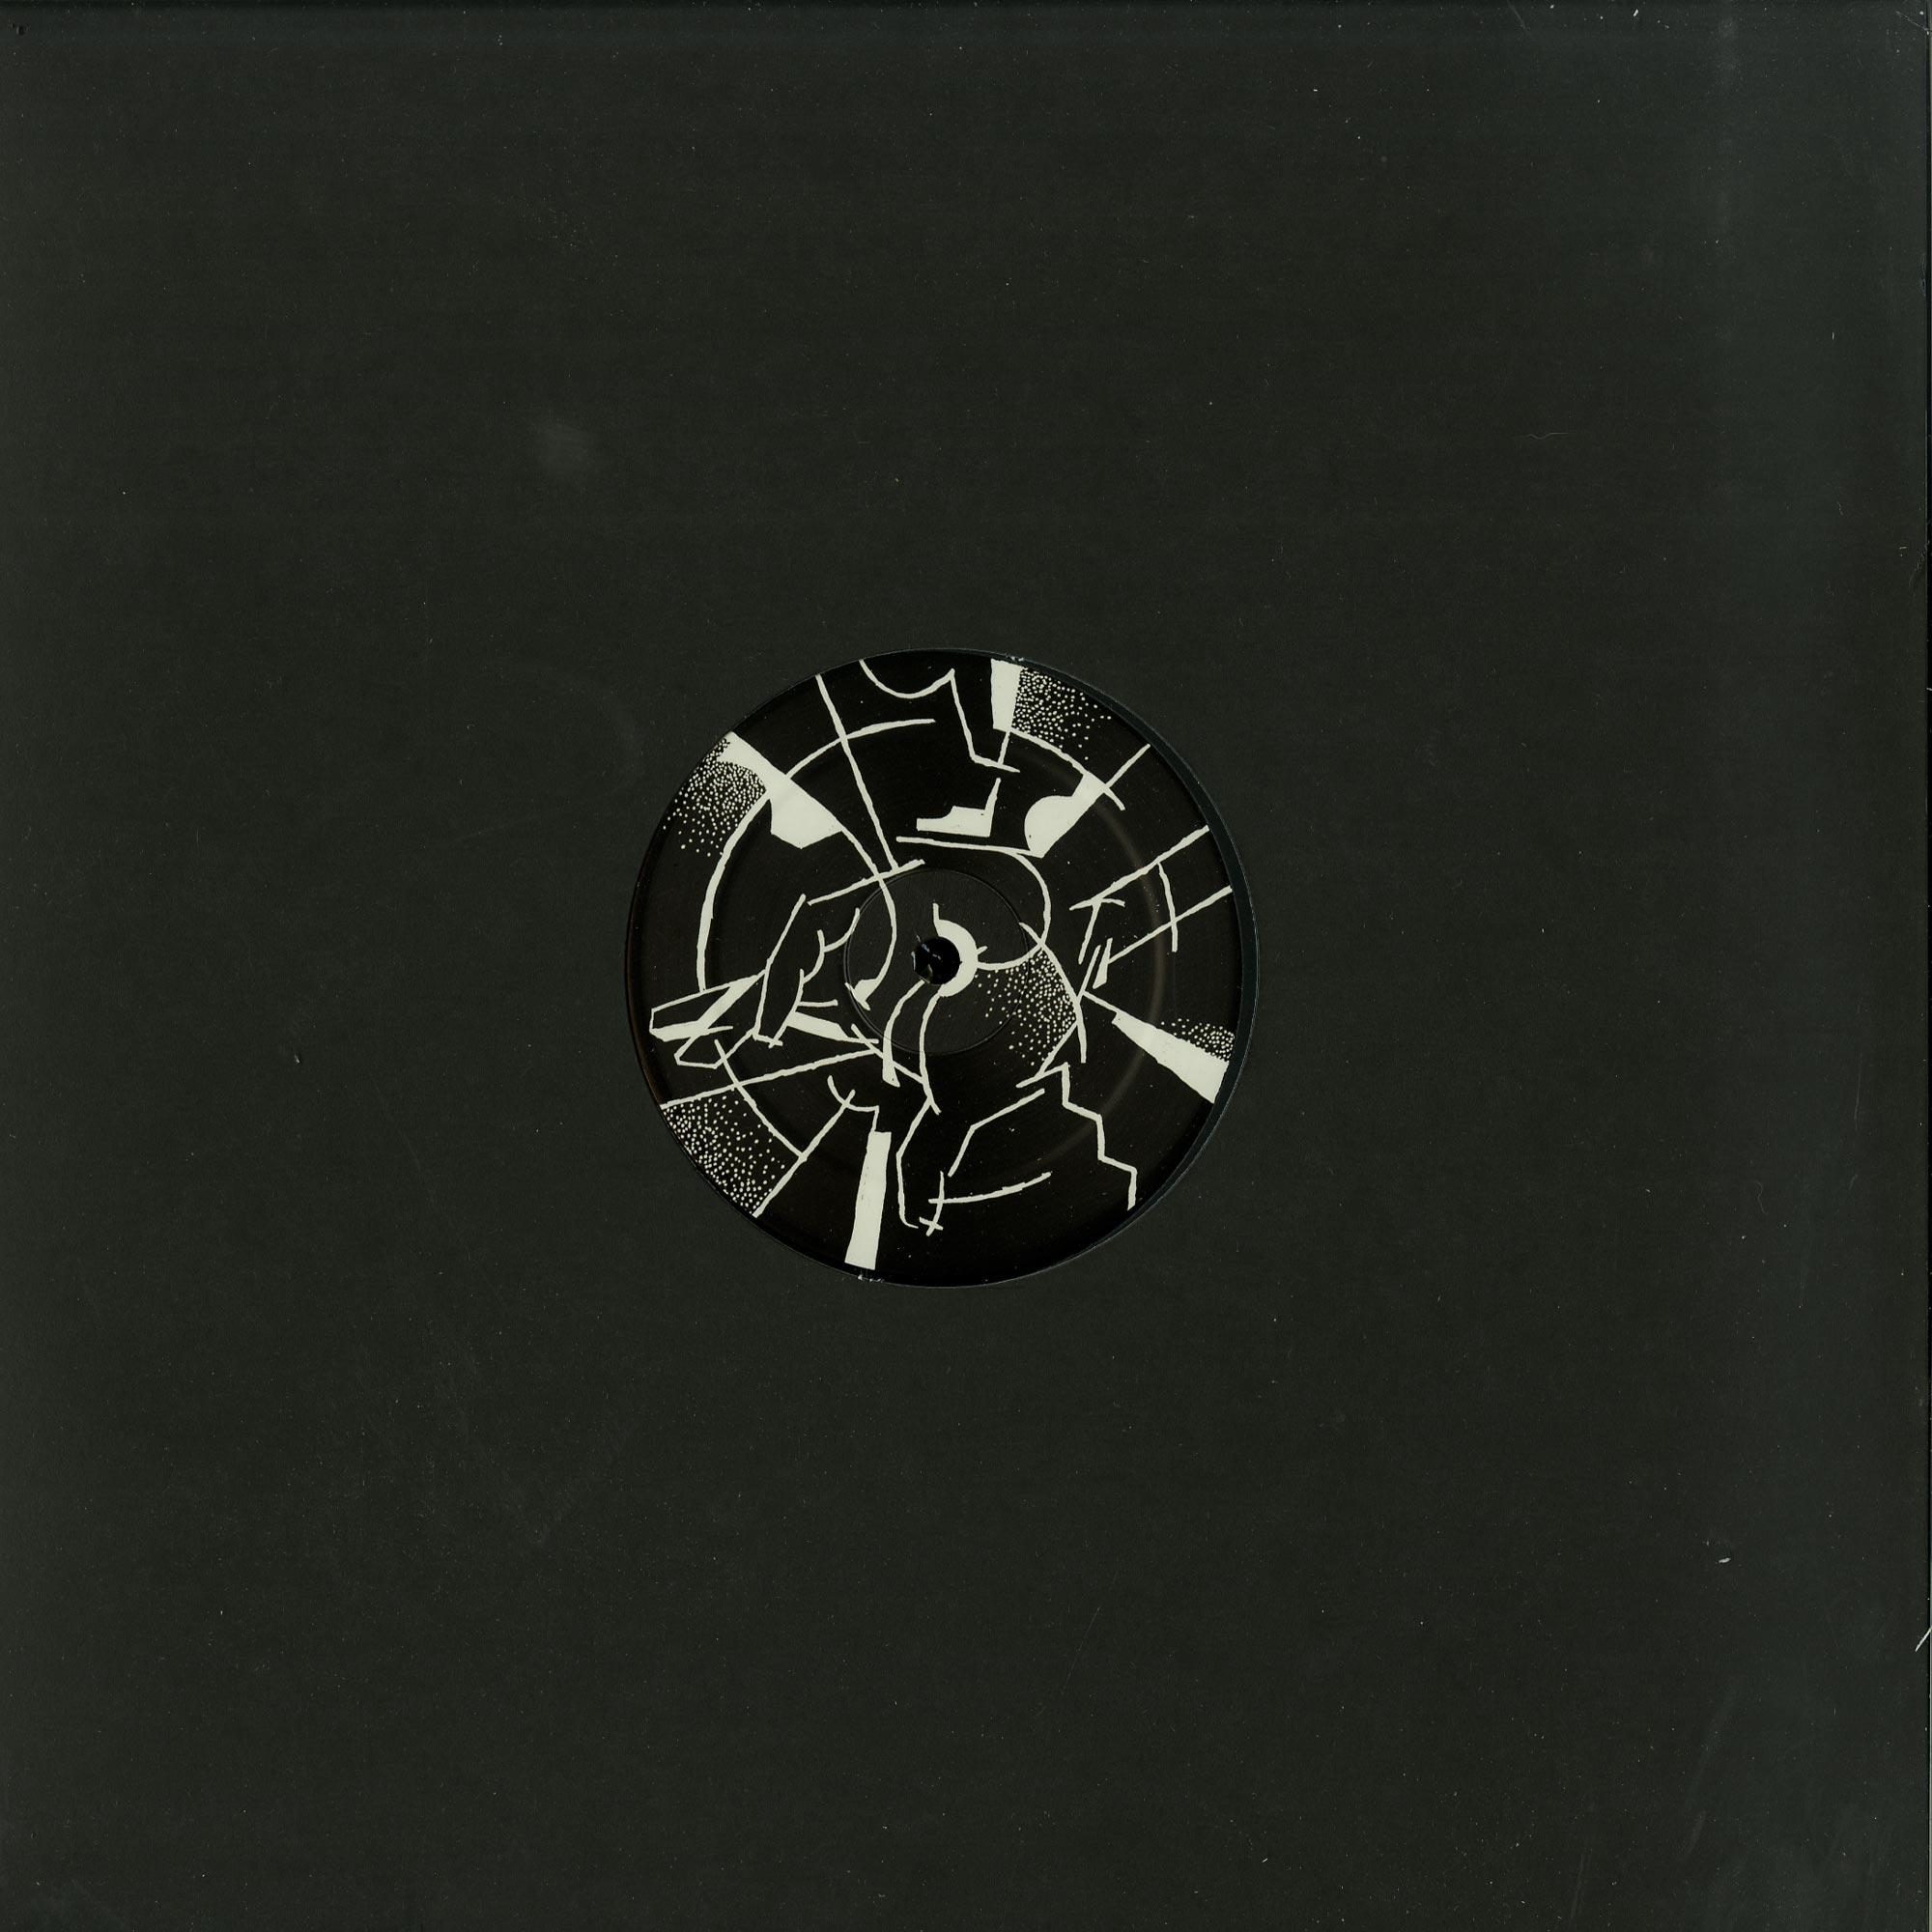 Perc - BITTER MUSIC REMIXED EP2